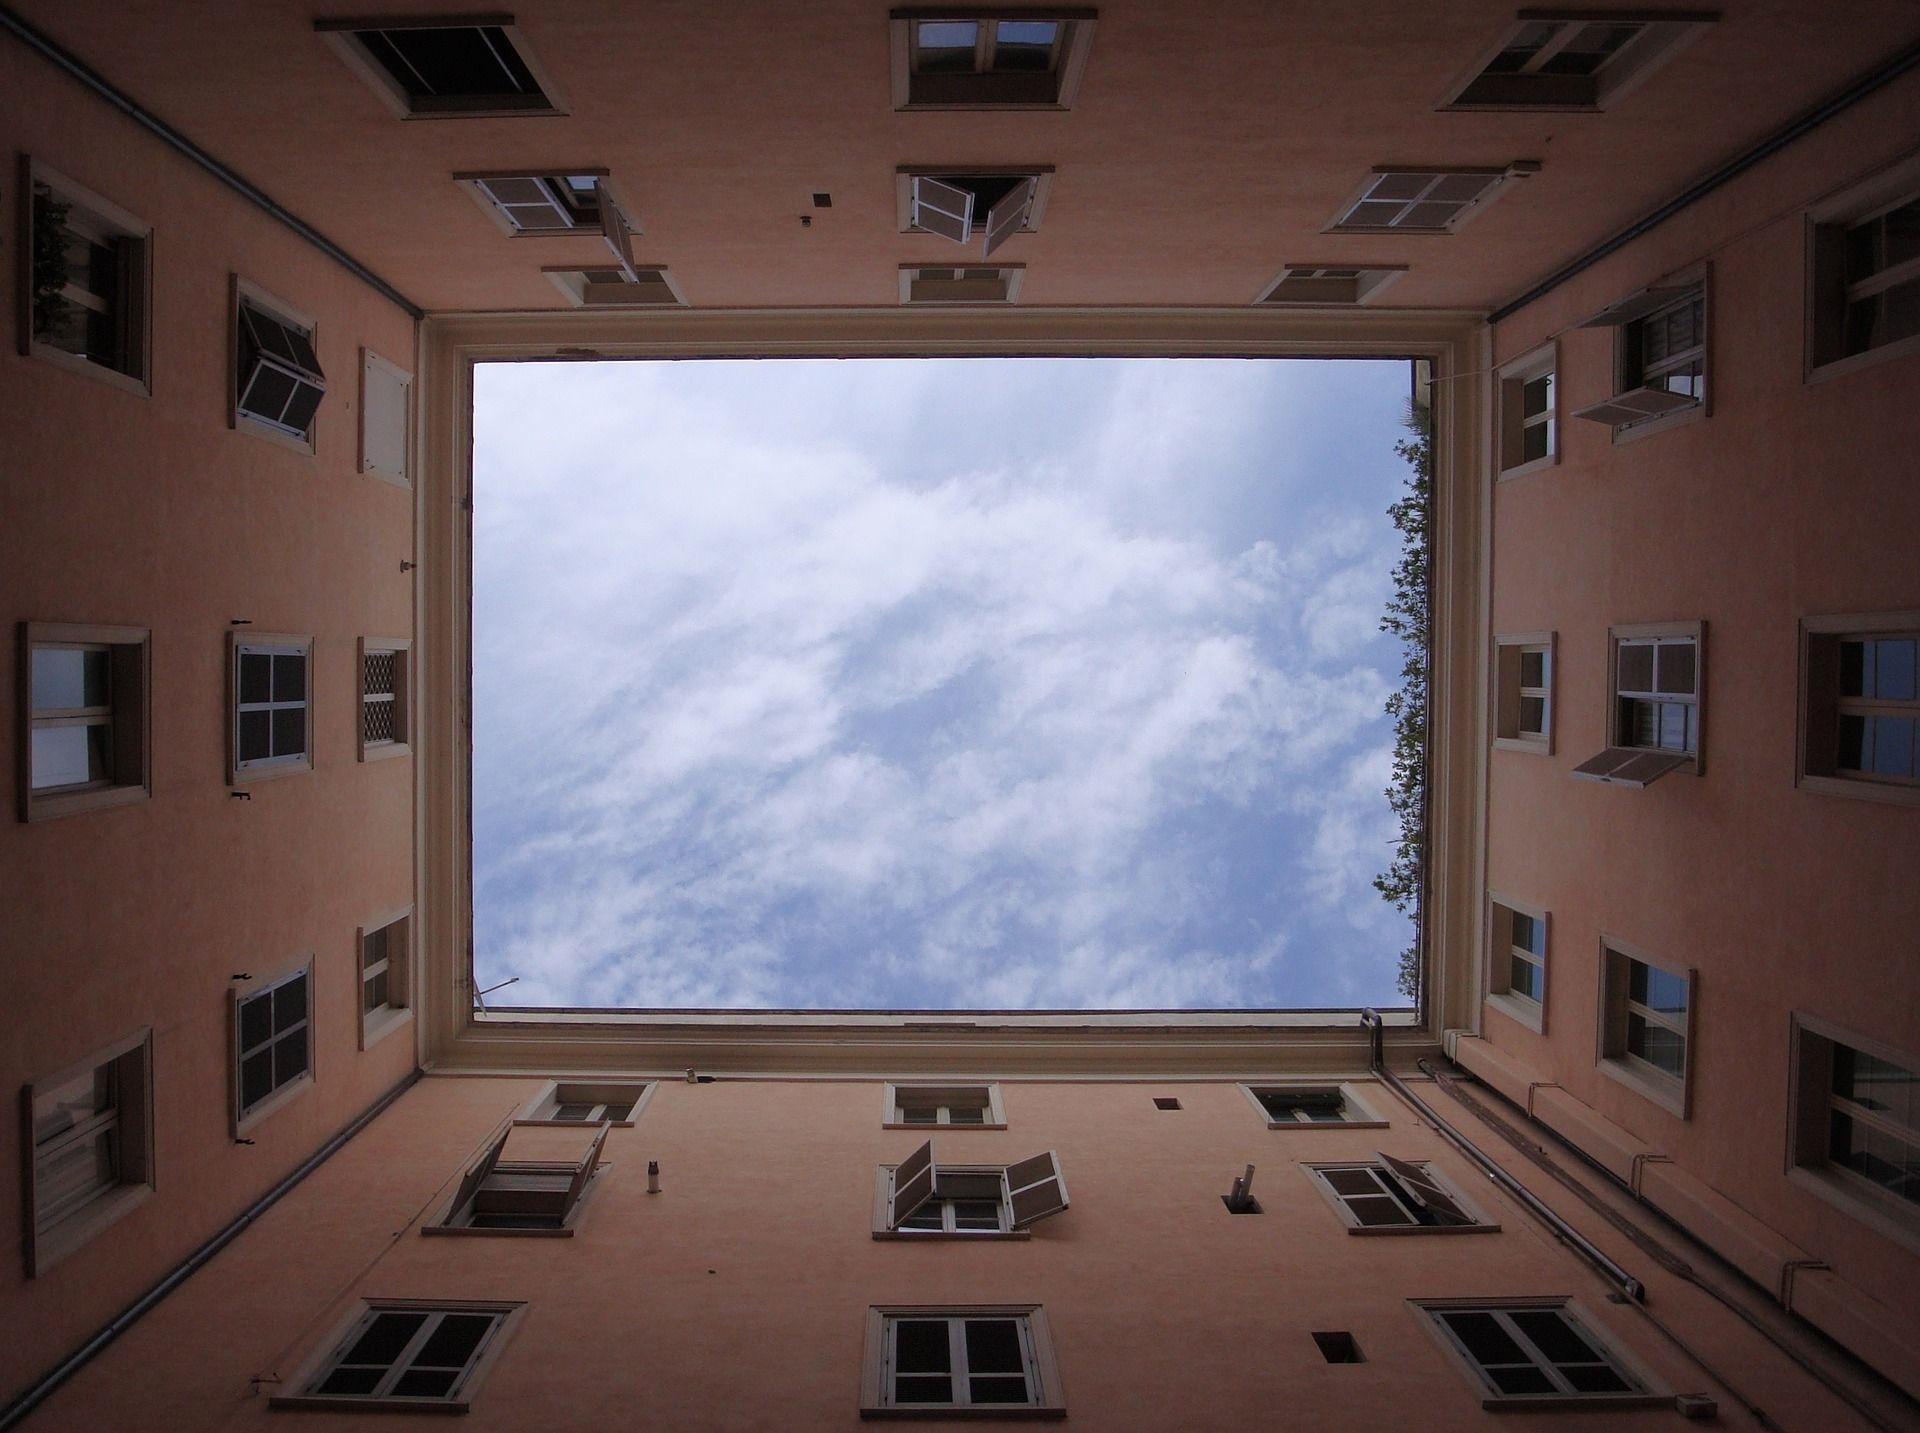 ο ουρανός όπως φαίνεται από τον ακάλυπτο μιας πολυκατοικίας